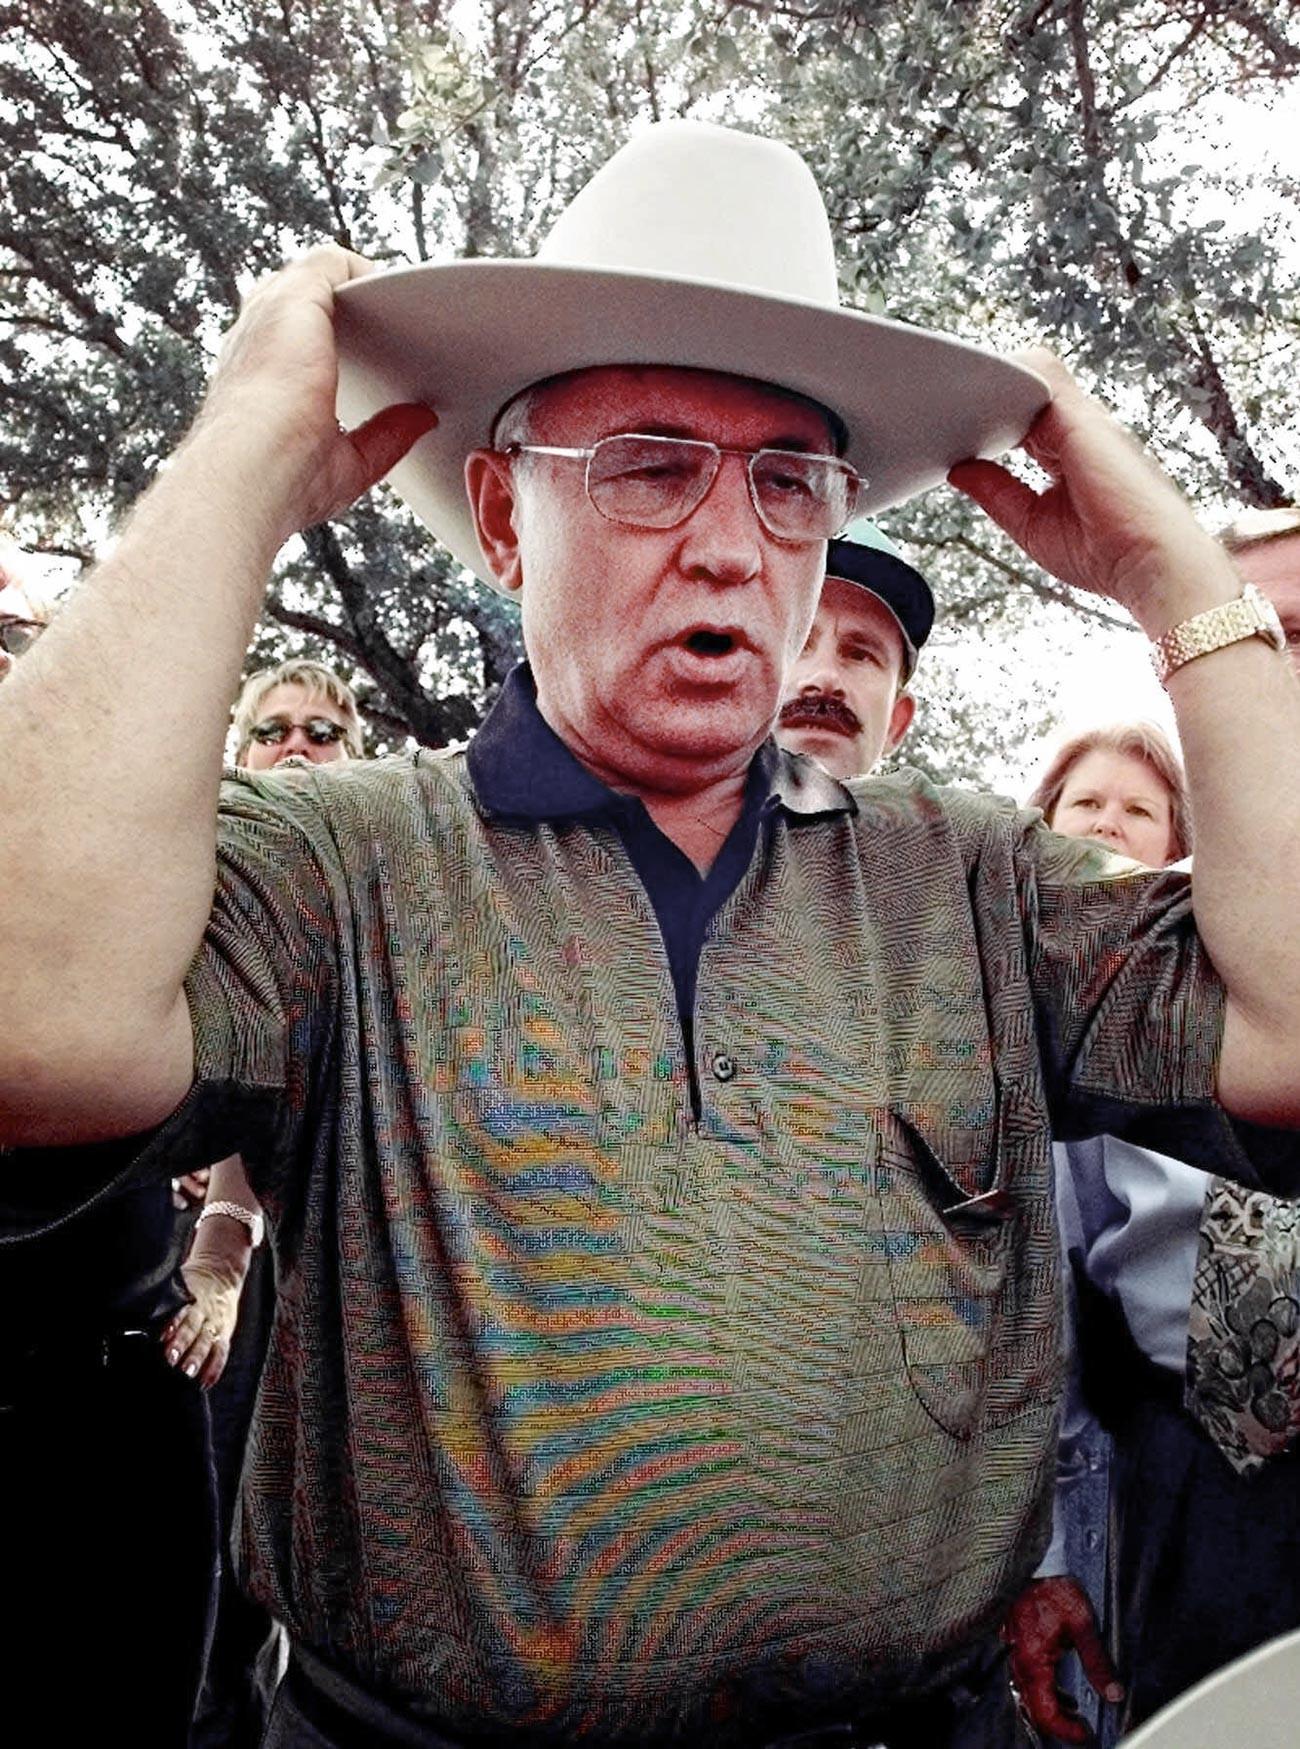 Mijaíl Gorbachov se pone un sombrero de vaquero al revés durante una visita a la Feria Estatal de Texas en Dallas, 1998